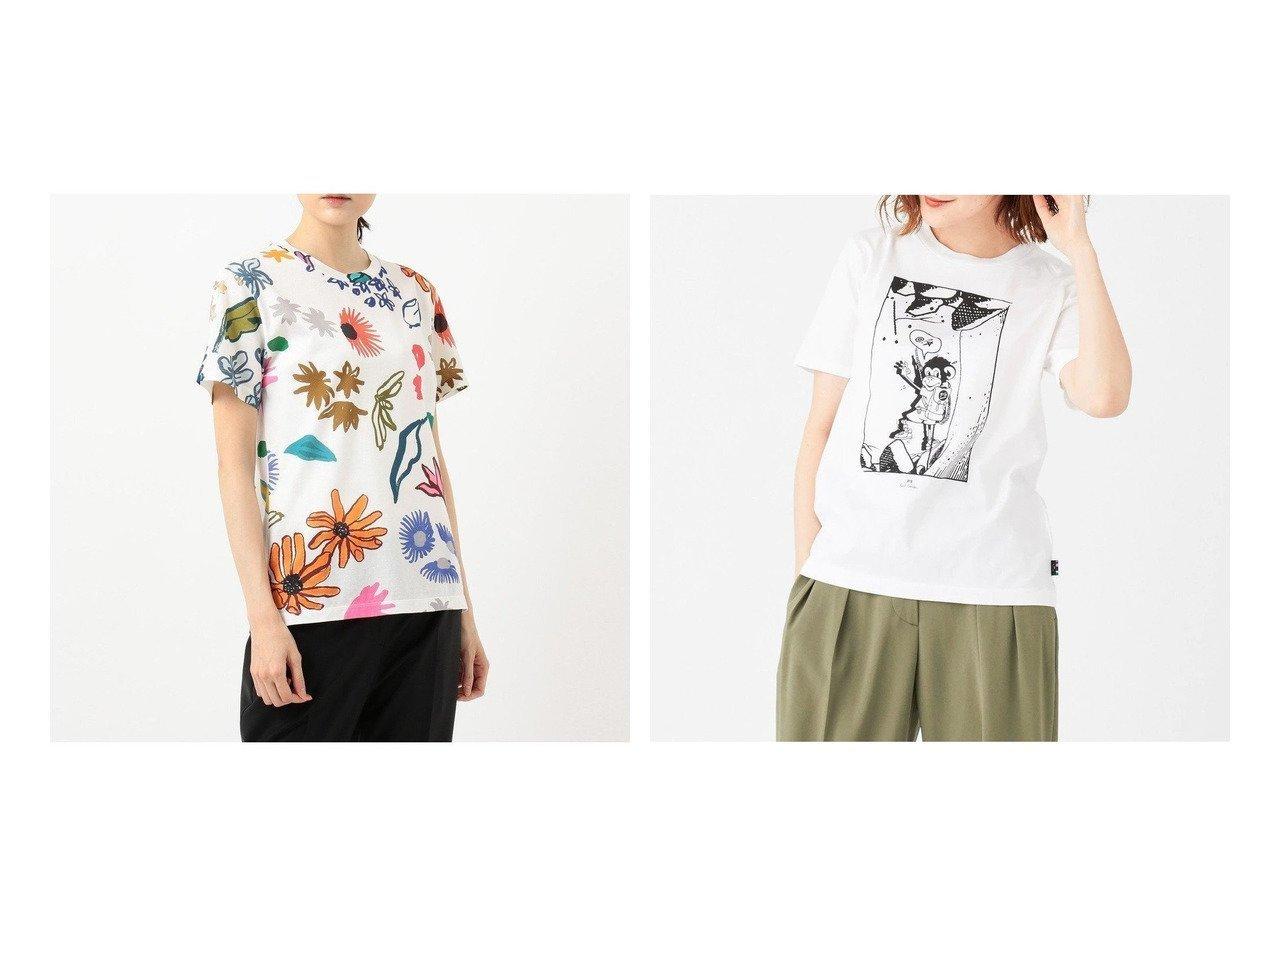 【Paul Smith/ポール スミス】の【洗える!】モンキークライム Tシャツ&【洗える】ペインテッドフローラル Tシャツ 【トップス・カットソー】おすすめ!人気、トレンド・レディースファッションの通販 おすすめで人気の流行・トレンド、ファッションの通販商品 インテリア・家具・メンズファッション・キッズファッション・レディースファッション・服の通販 founy(ファニー) https://founy.com/ ファッション Fashion レディースファッション WOMEN トップス・カットソー Tops/Tshirt シャツ/ブラウス Shirts/Blouses ロング / Tシャツ T-Shirts カットソー Cut and Sewn 送料無料 Free Shipping S/S・春夏 SS・Spring/Summer おすすめ Recommend カットソー シルケット ストライプ スリット ベーシック ロンドン ワーク 半袖 洗える インナー コレクション ジャケット スポーツ 定番 Standard 人気 パープル フロント プリント モチーフ A/W・秋冬 AW・Autumn/Winter・FW・Fall-Winter 2020年 2020  ID:crp329100000058374